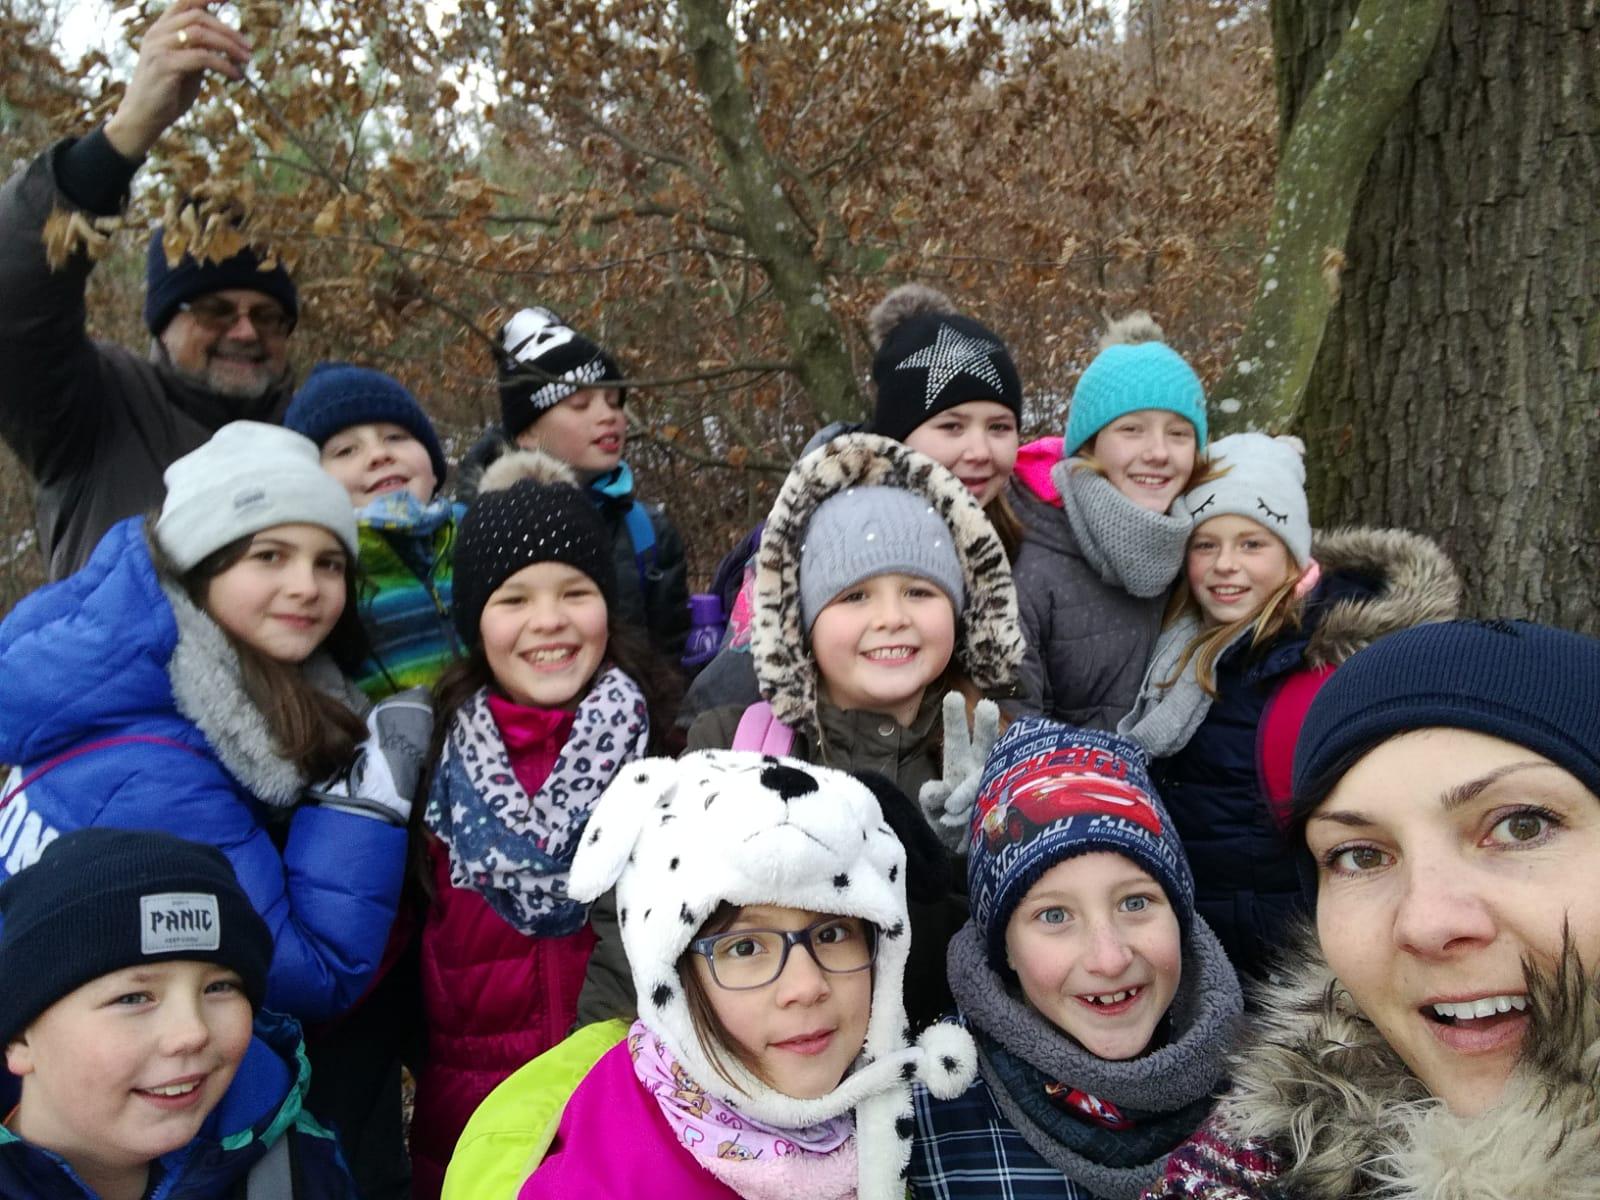 Waldwanderung zum Winterbeginn (N&Ö mit Jasmin W.)